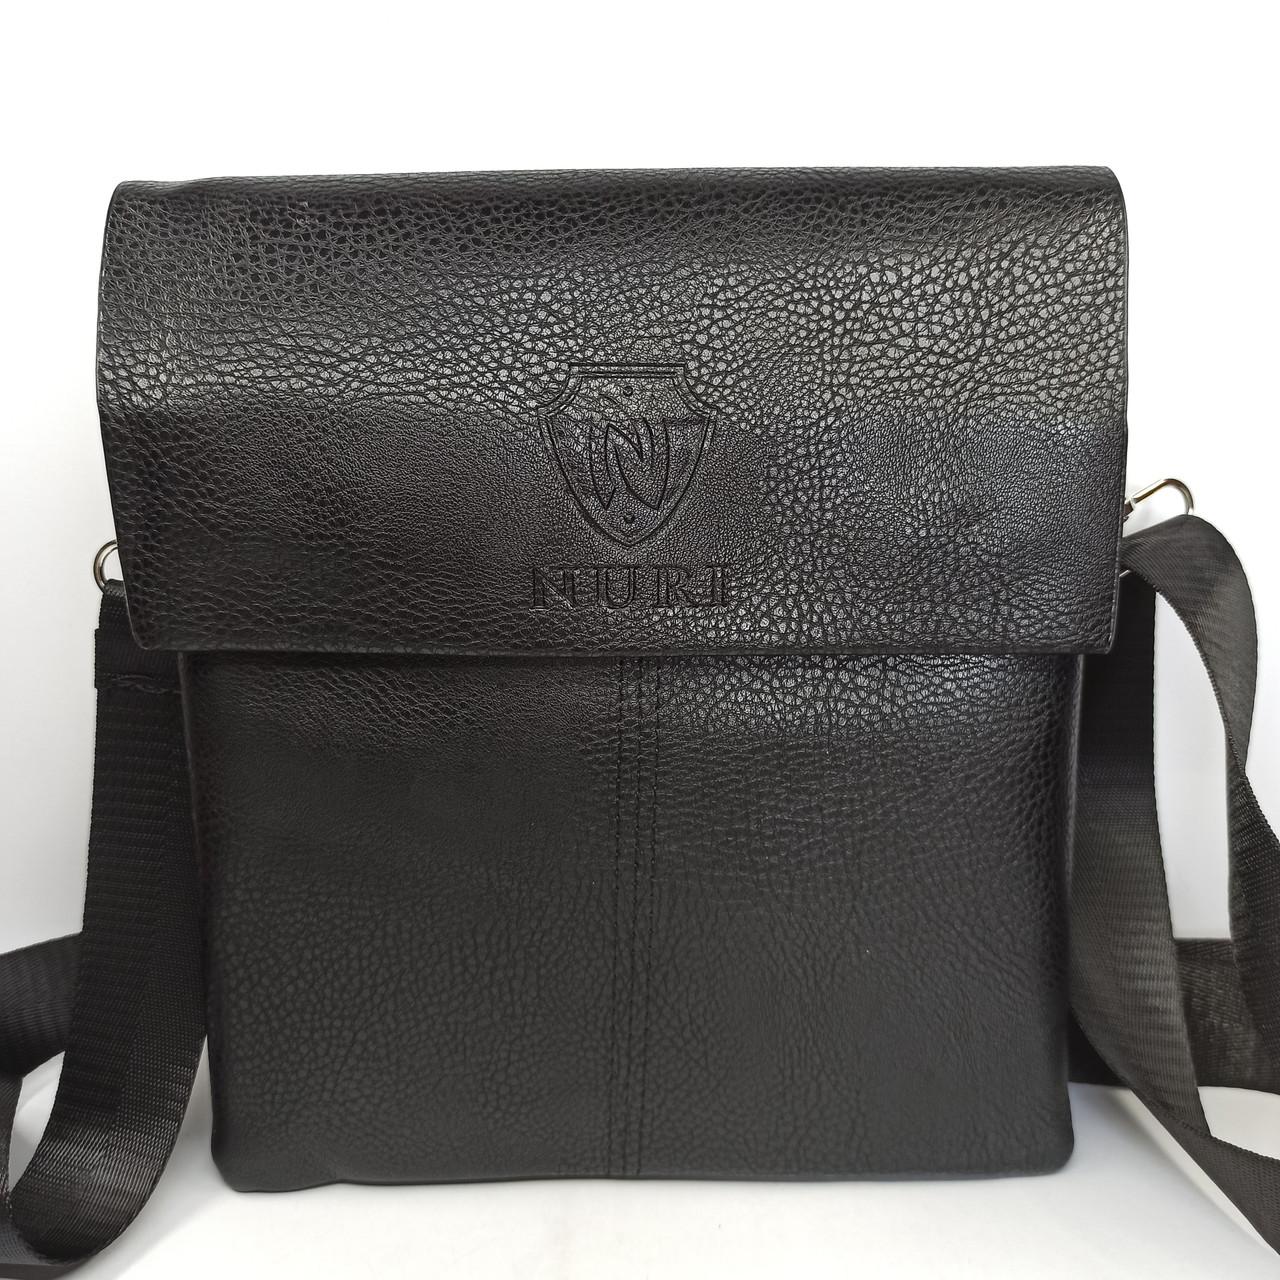 Шкіряна чоловіча сумка через плече / Мужская кожаная сумка через плечо PUB005